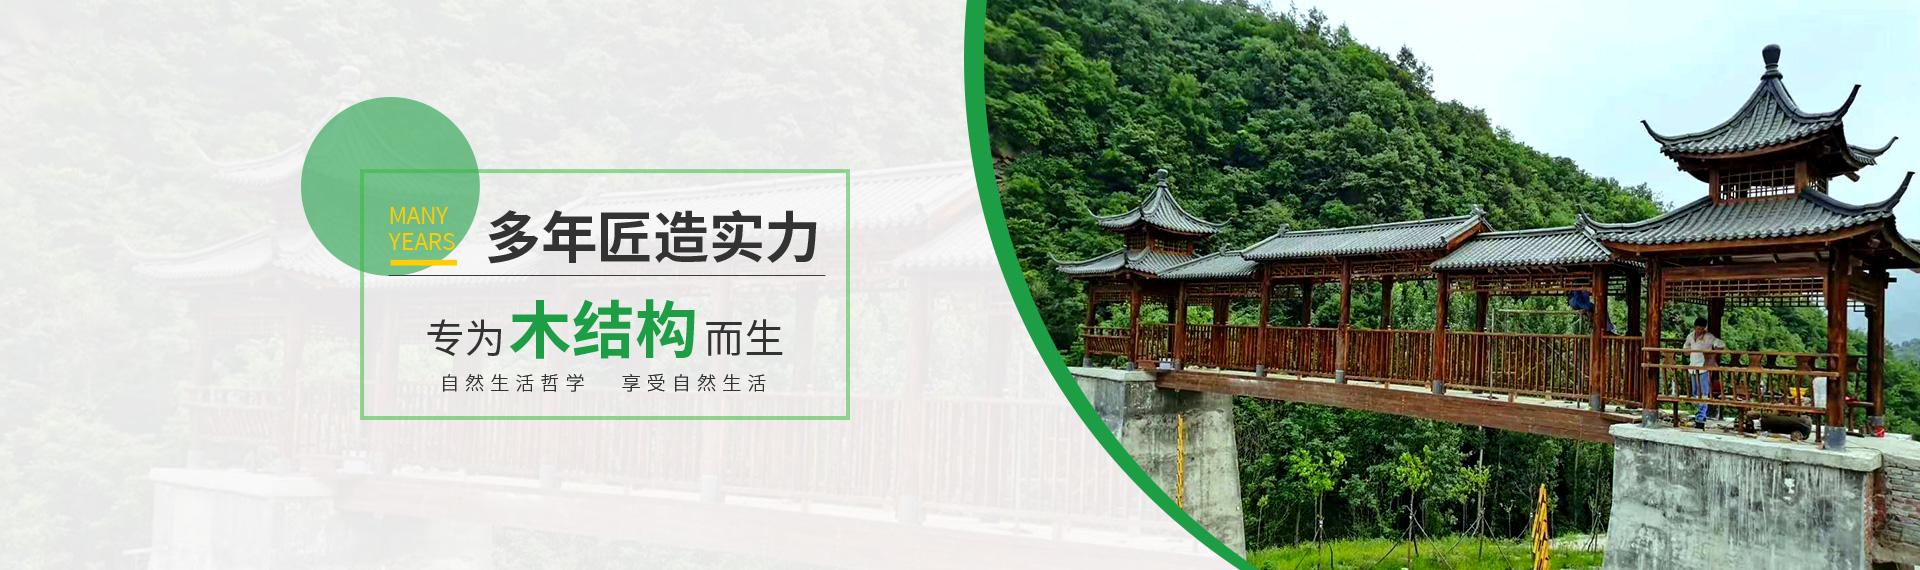 宜昌木屋别墅